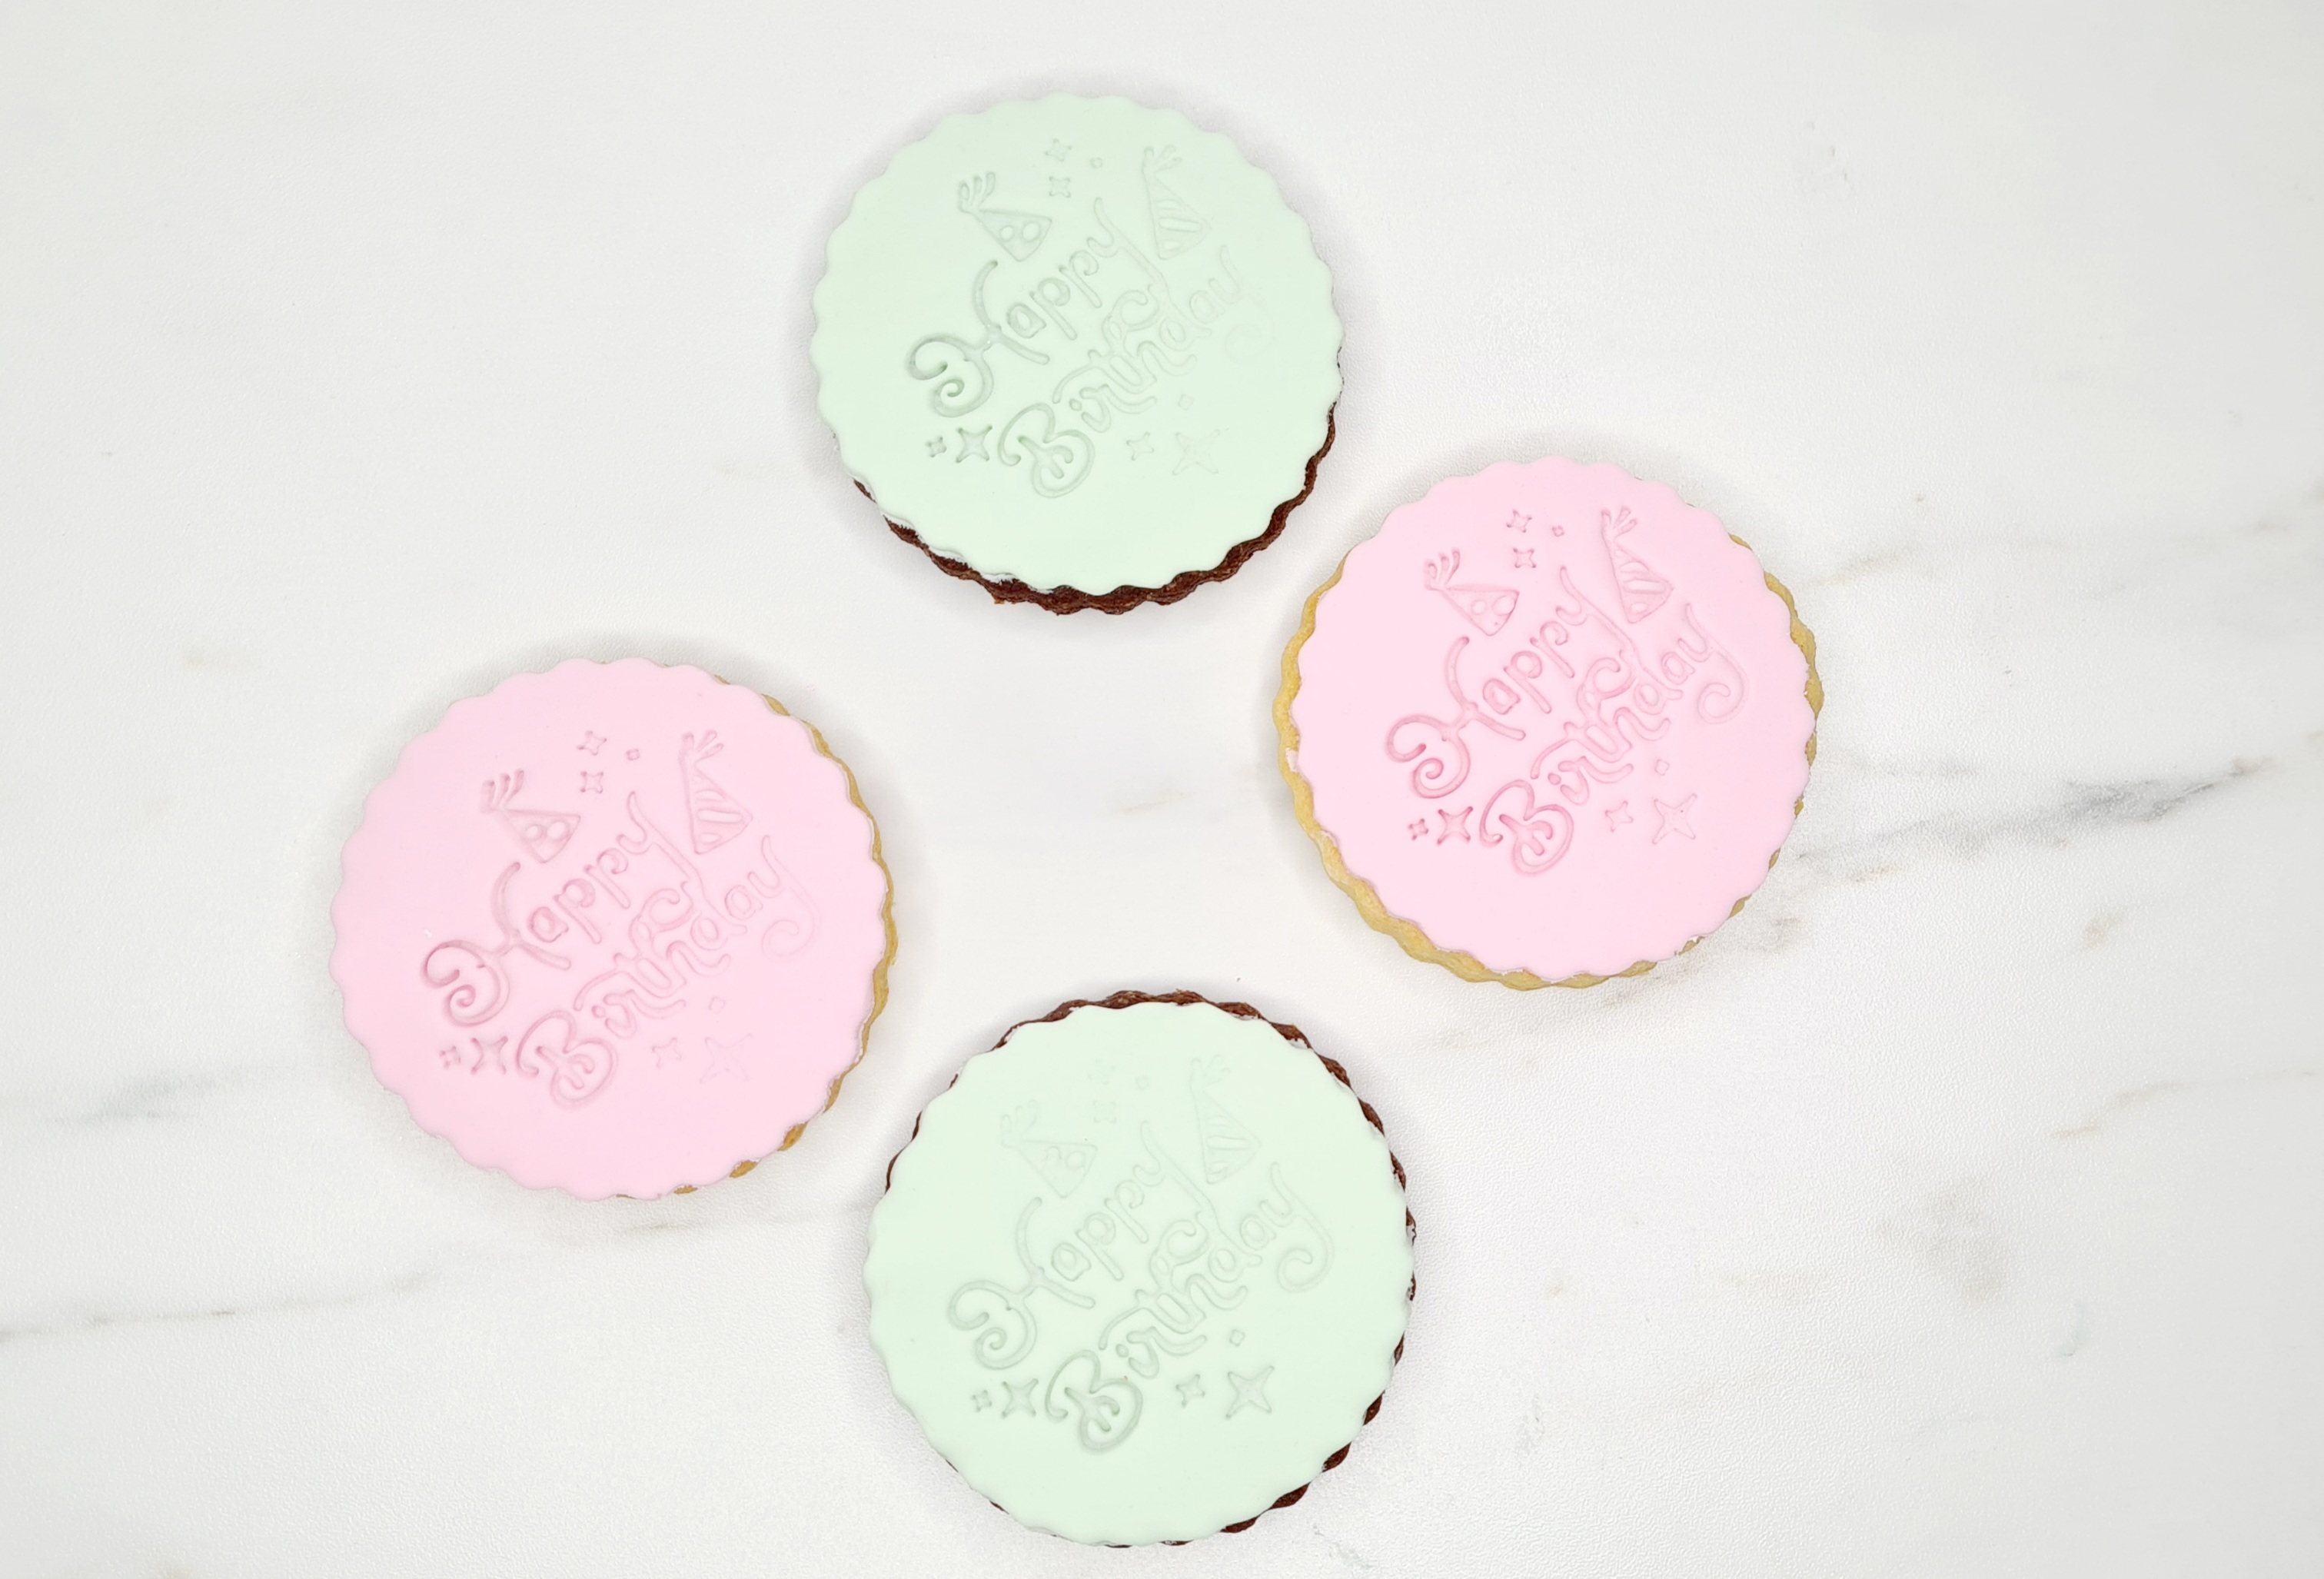 gourmandise cupcake popcake paris ile de france